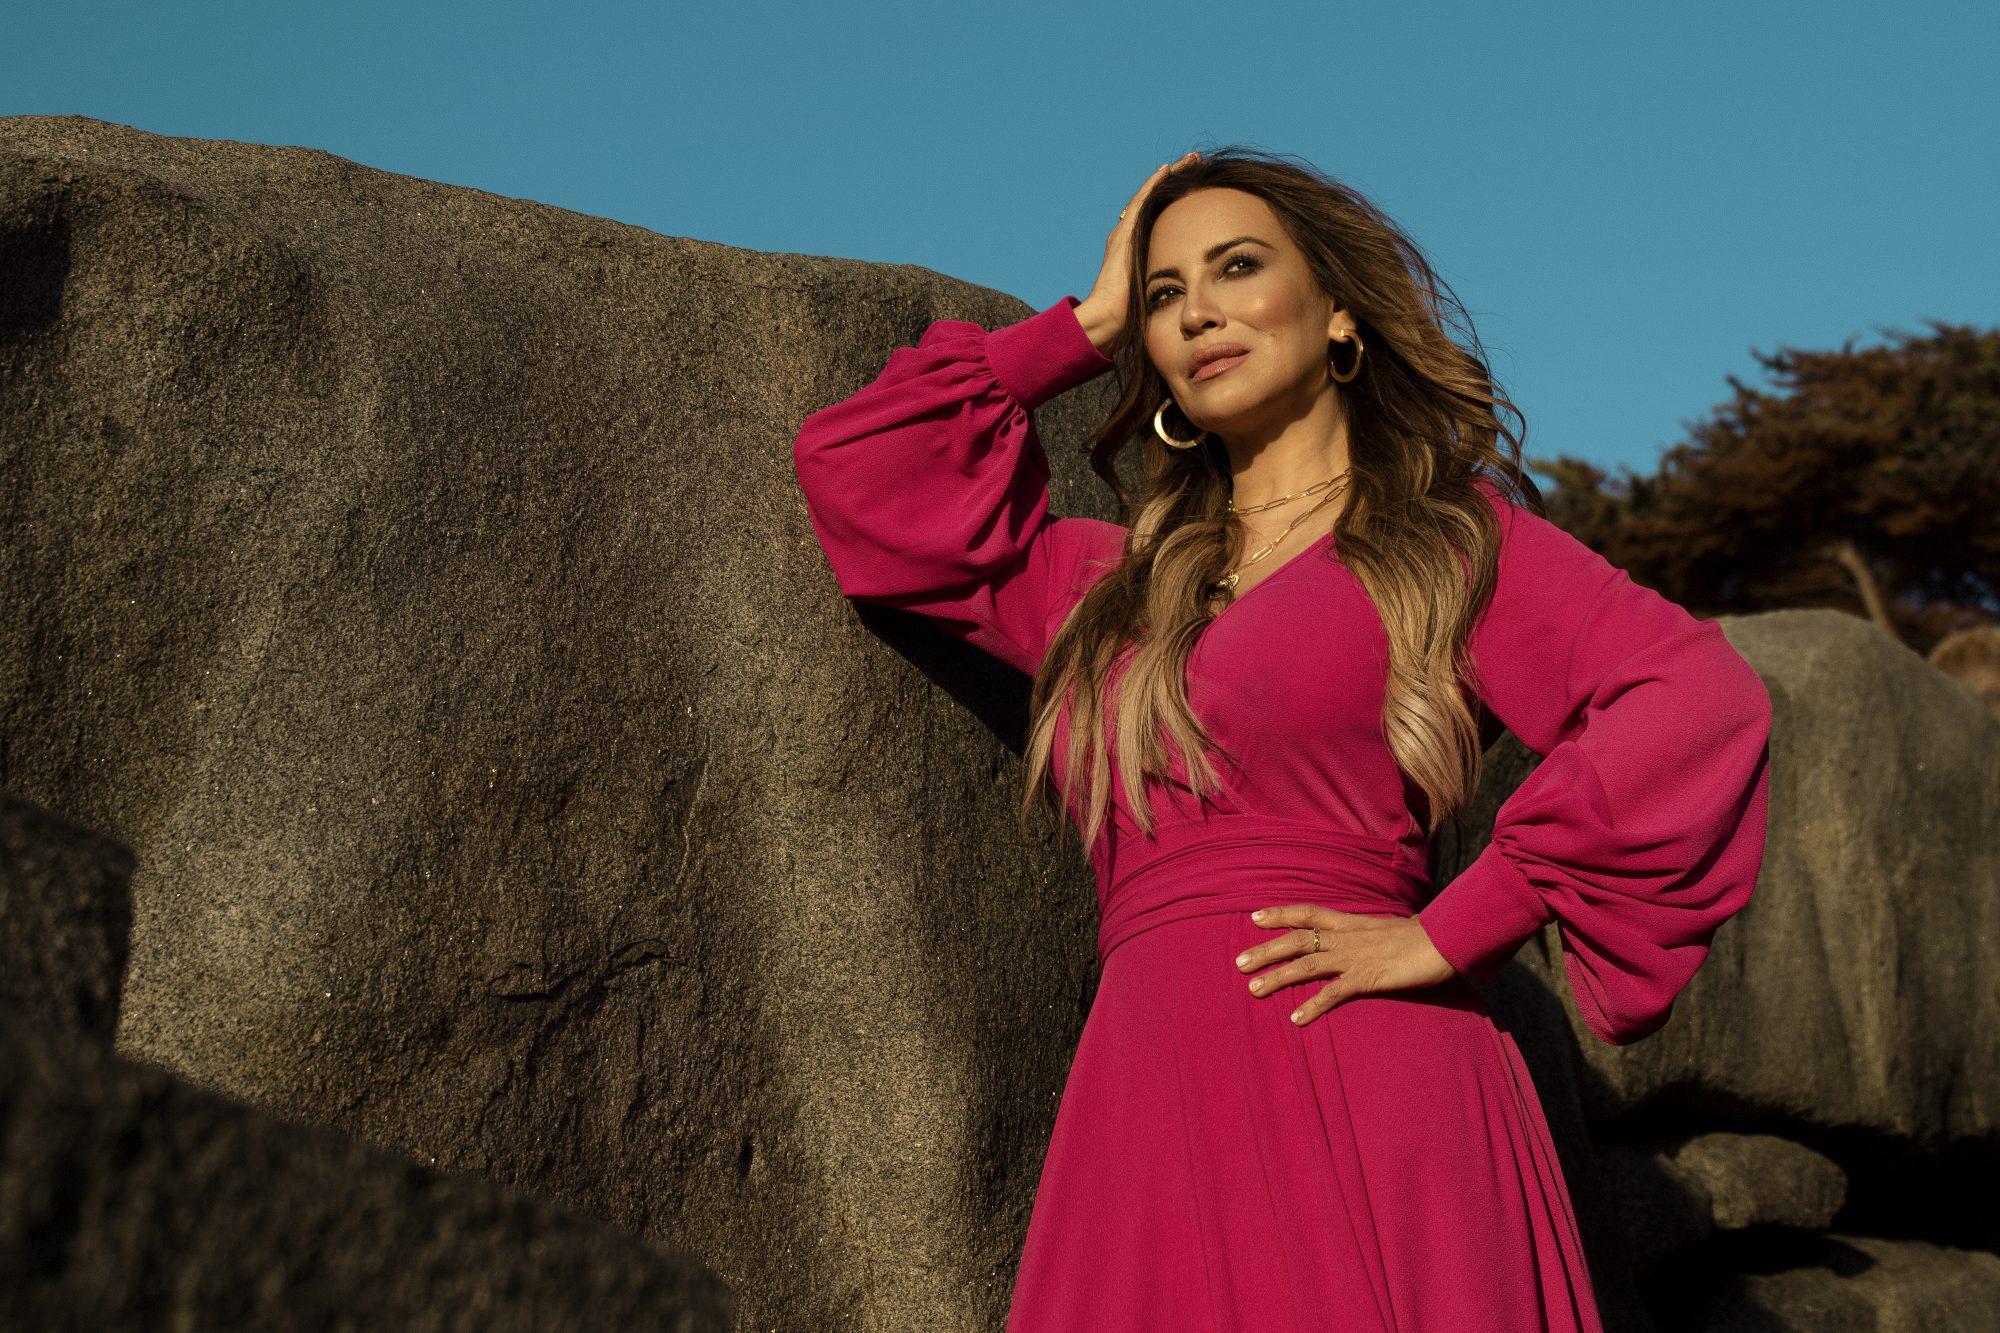 Myriam Hernández gira y nuevo album sinergia entrevista people vip people en español